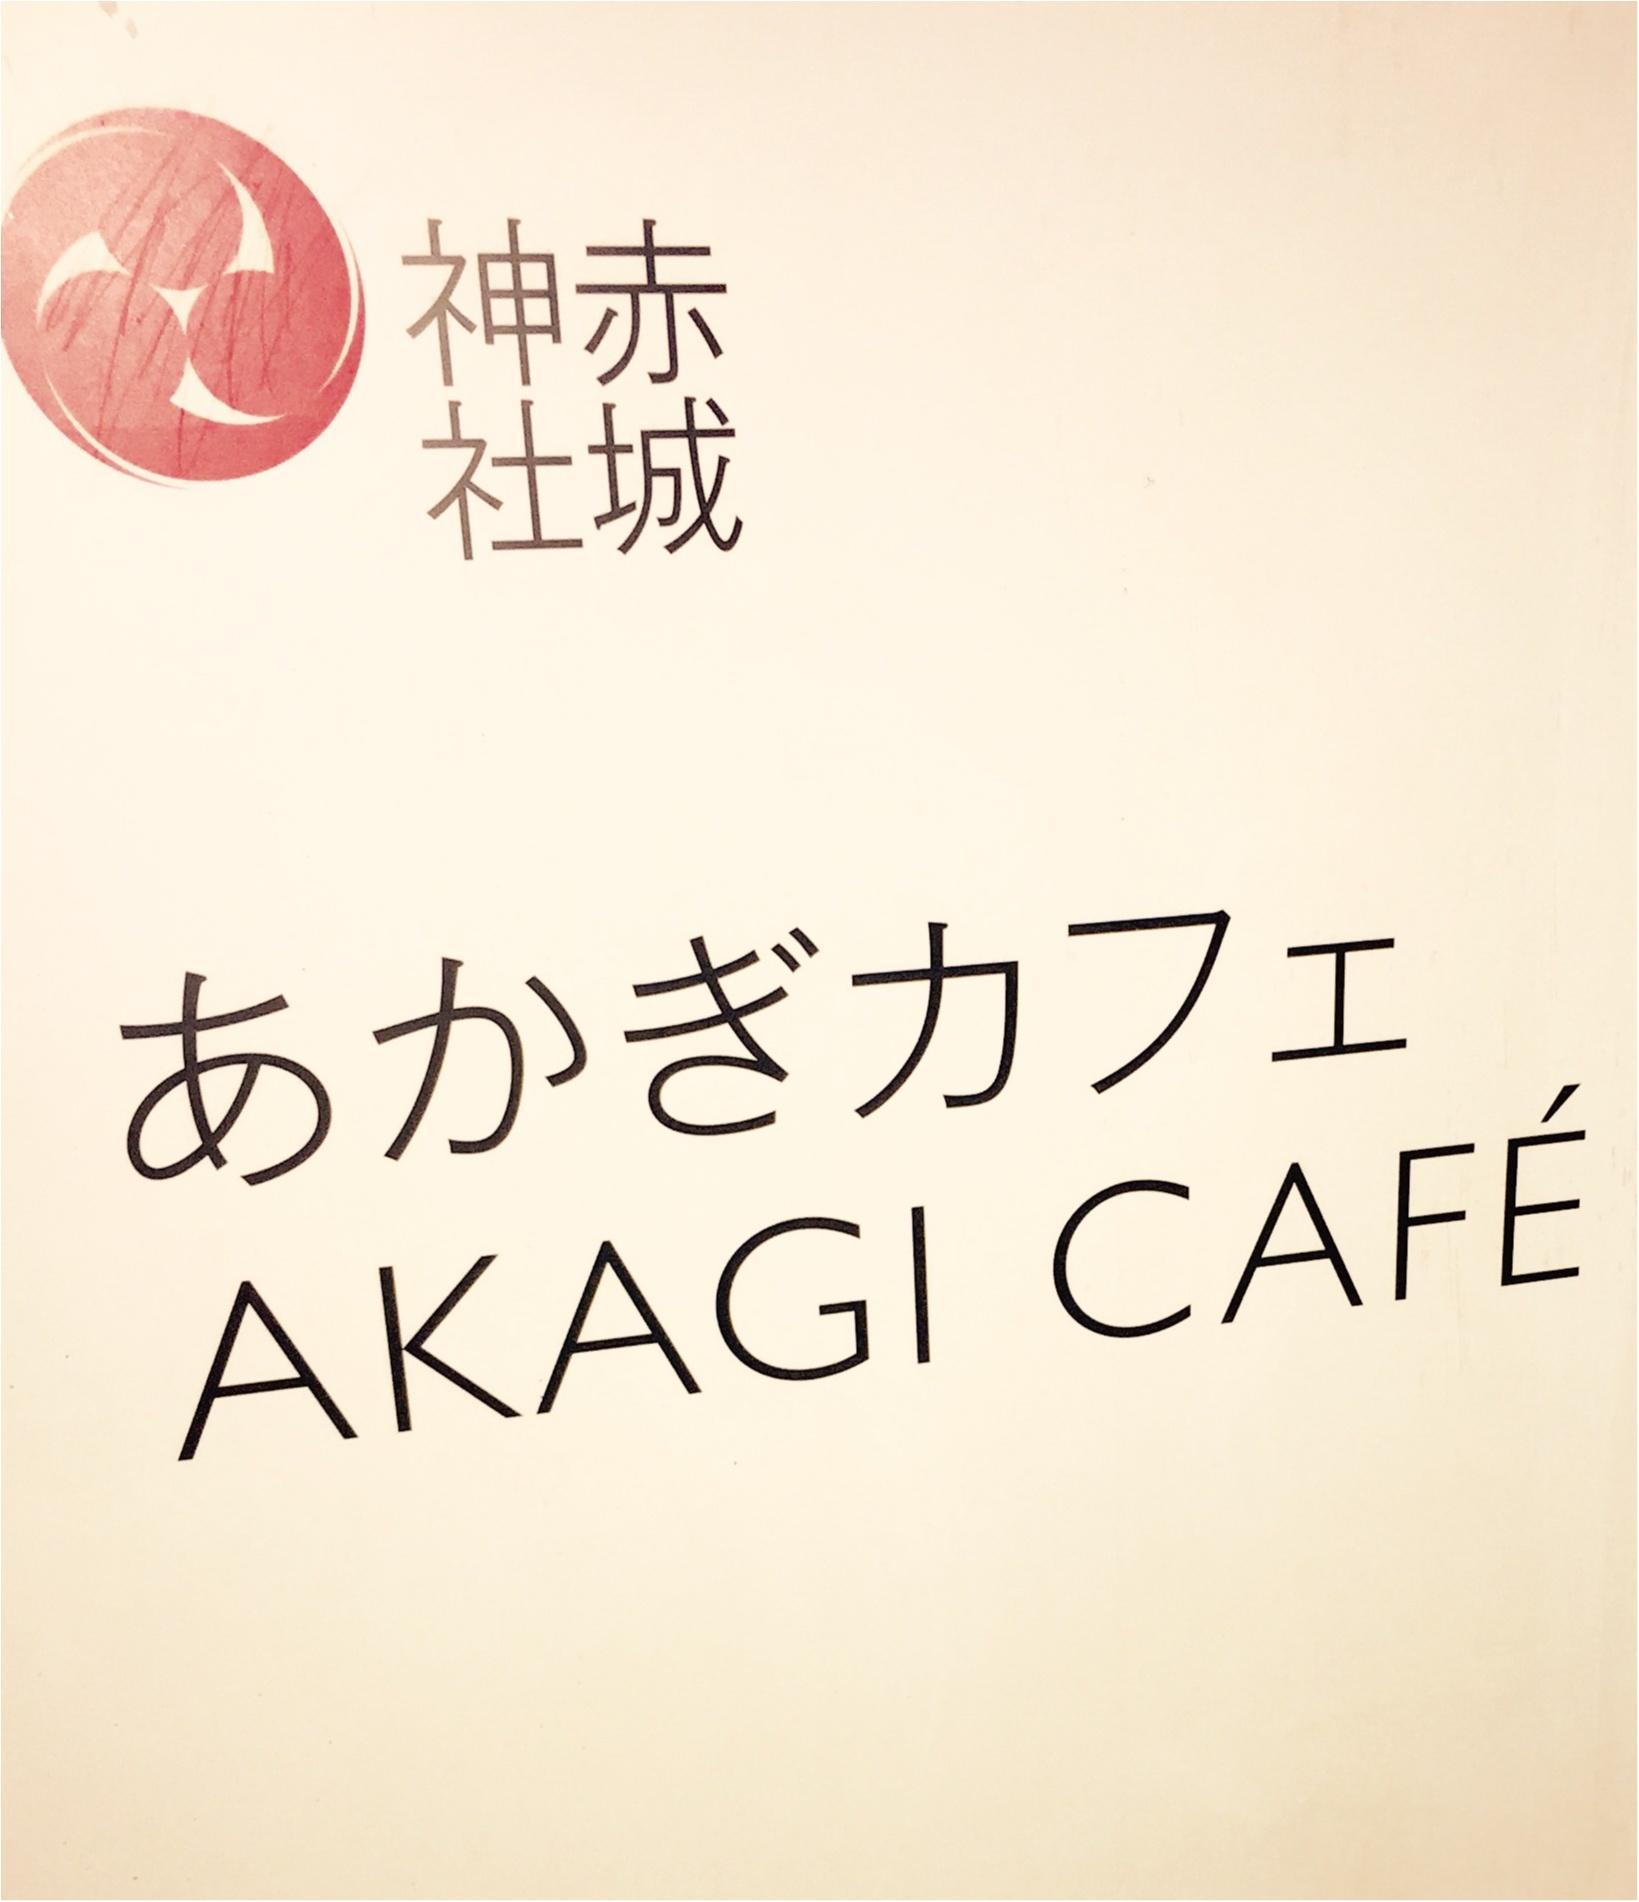 …ஐ 行ってみました!神楽坂の神社にあるcaféがお洒落だって知ってる? ஐ¨_1